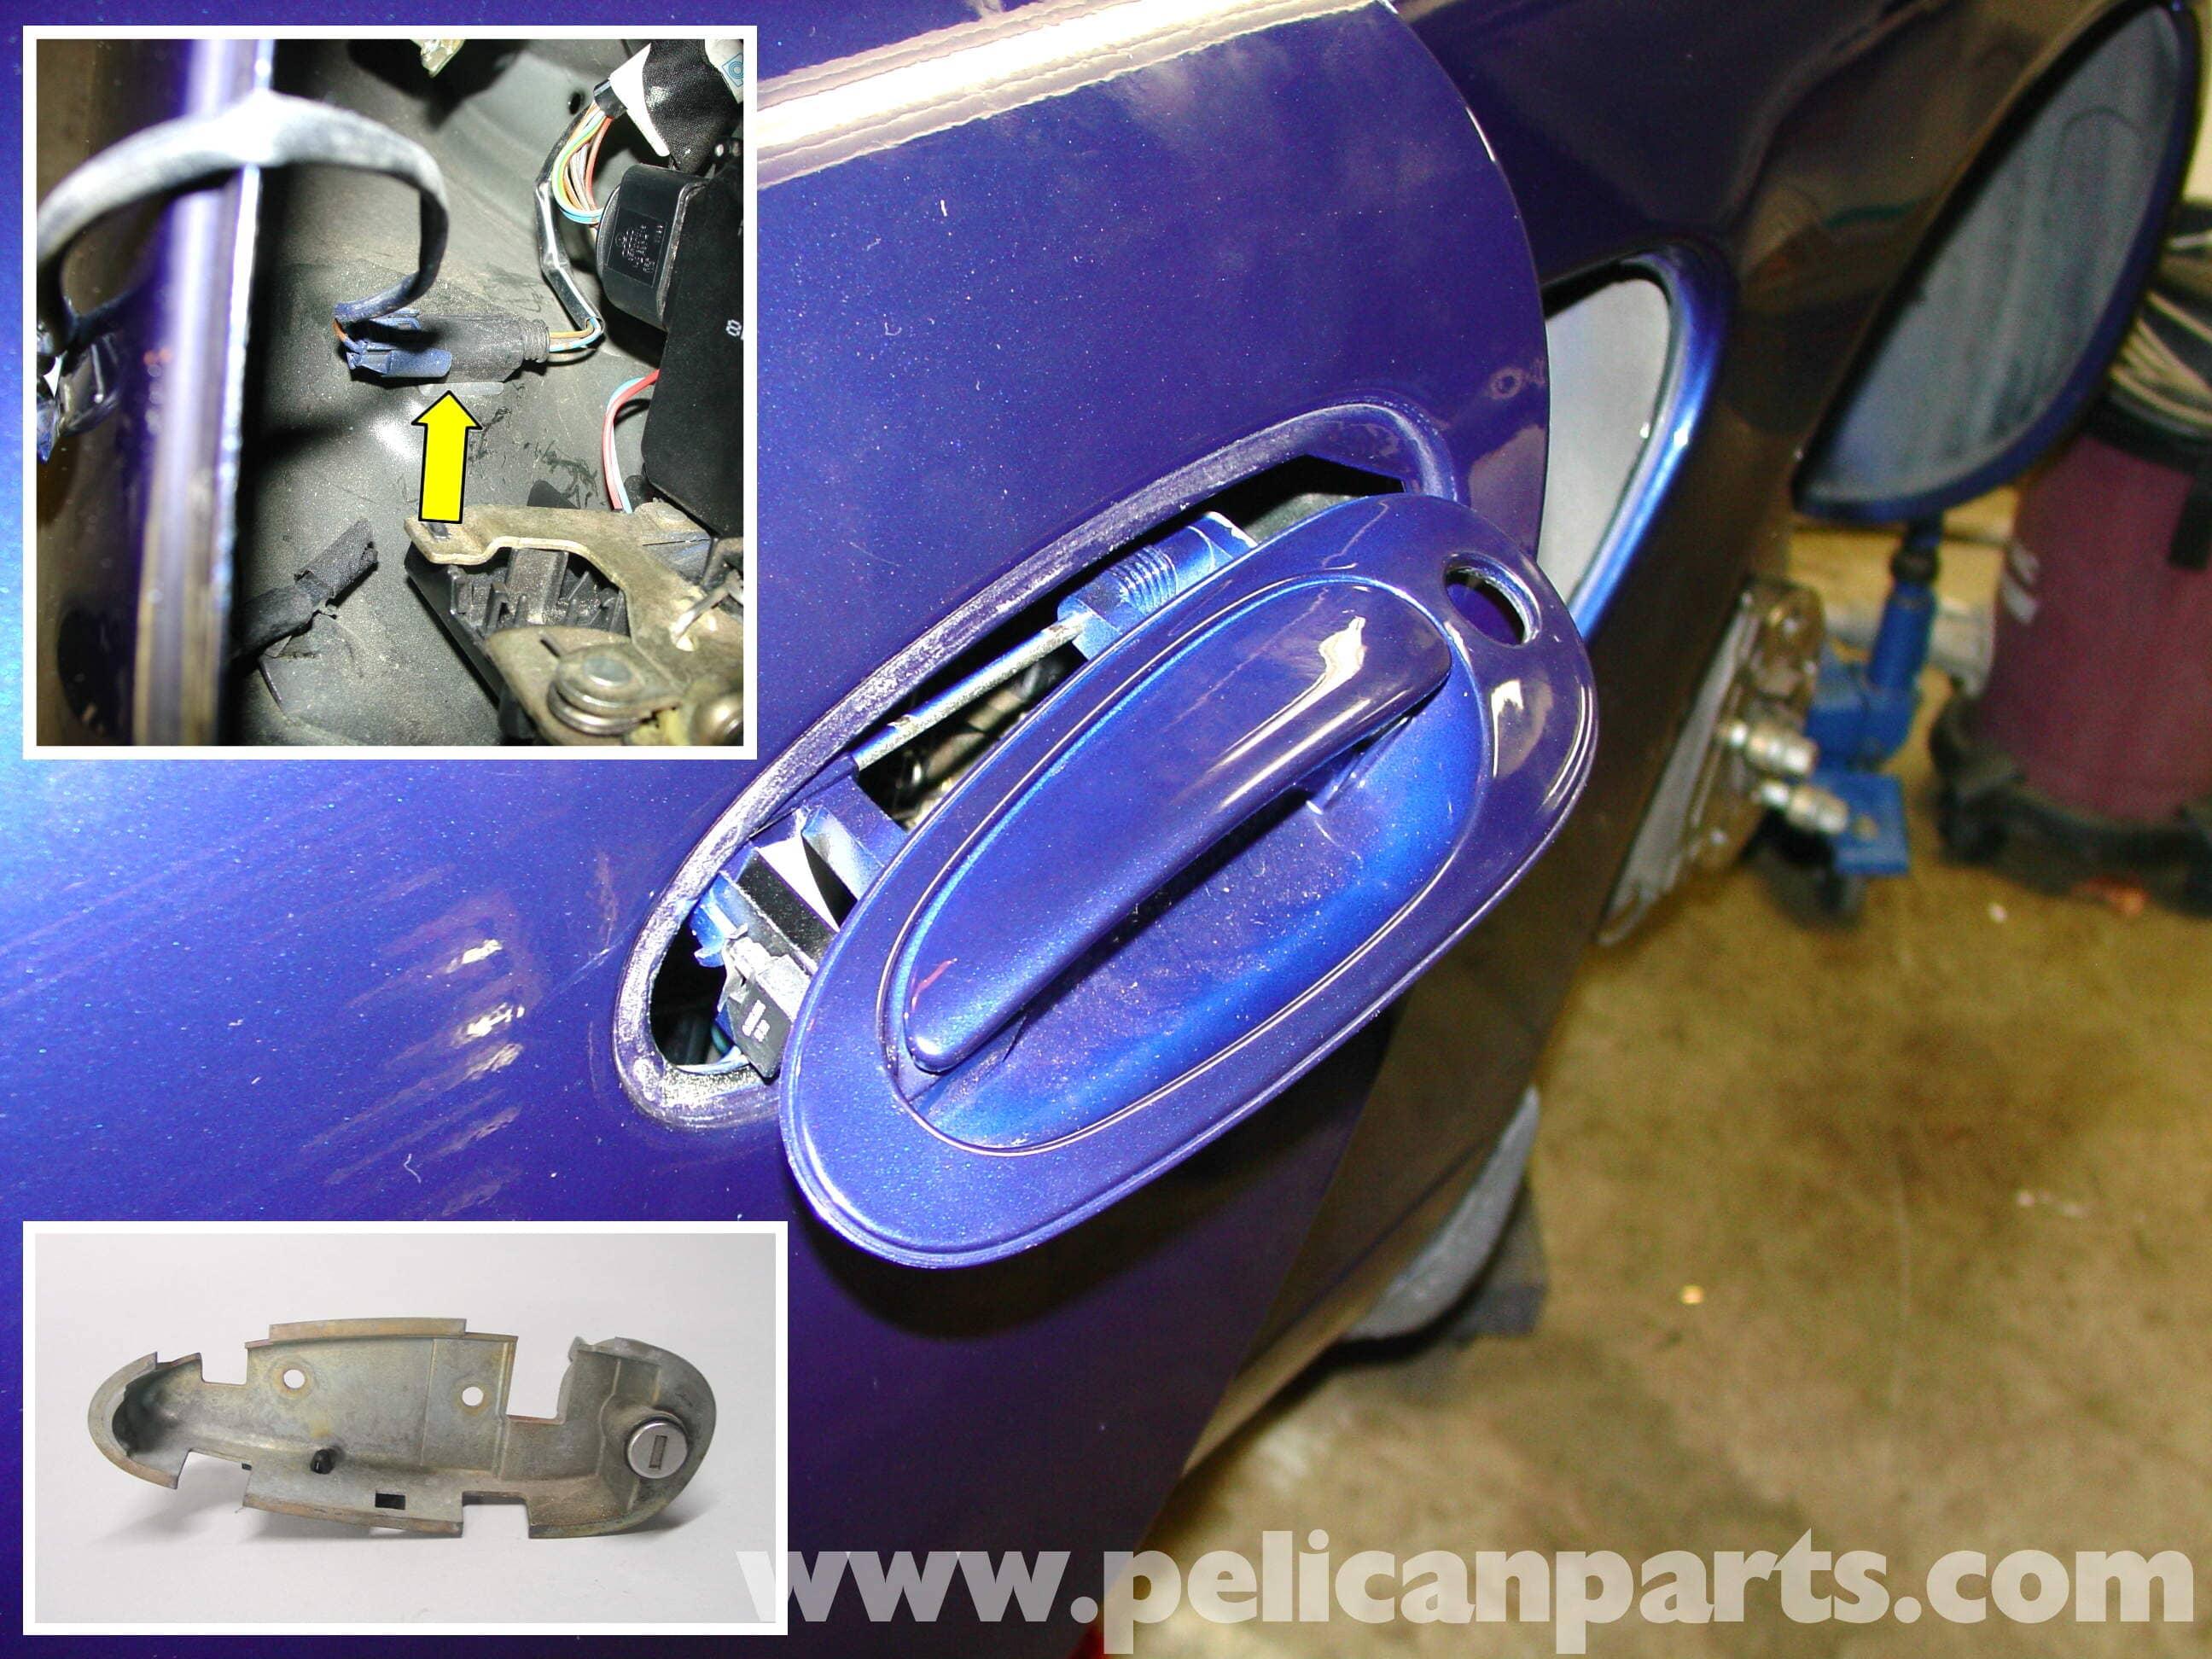 Porsche 911 Carrera Door Locks And Handle Replacement 996 1998 2005 997 2005